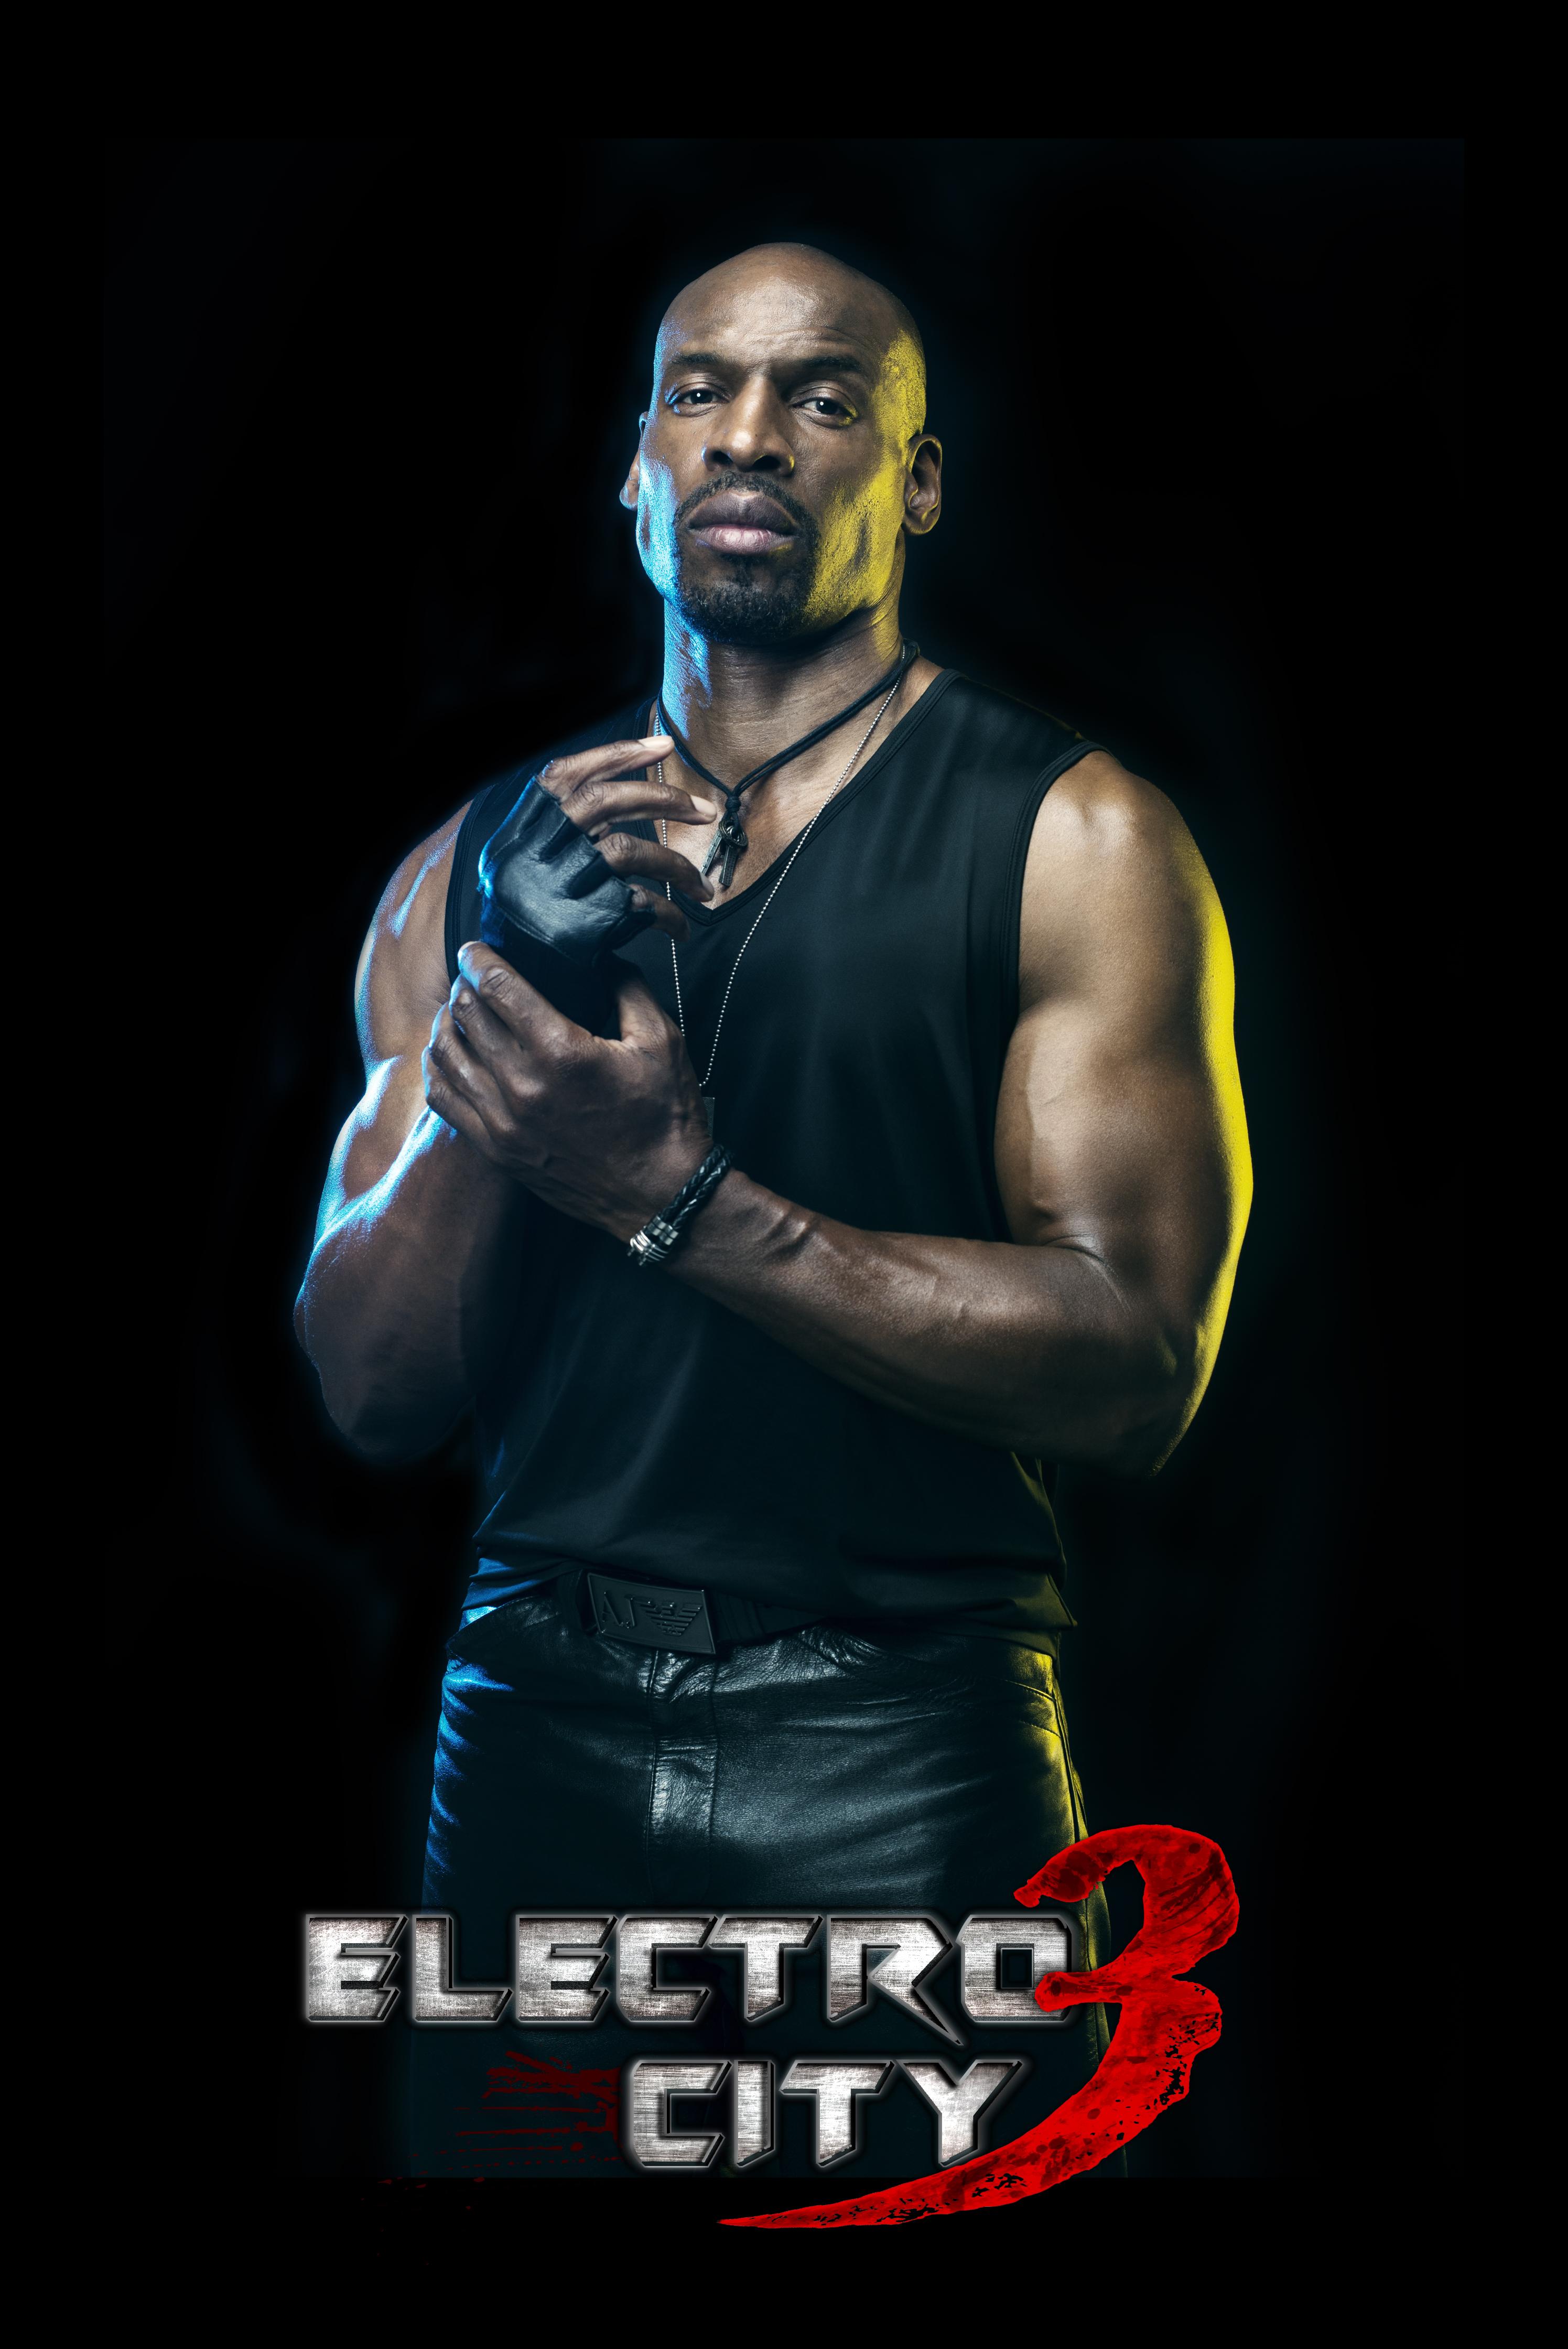 Electro City 3 - Bishop